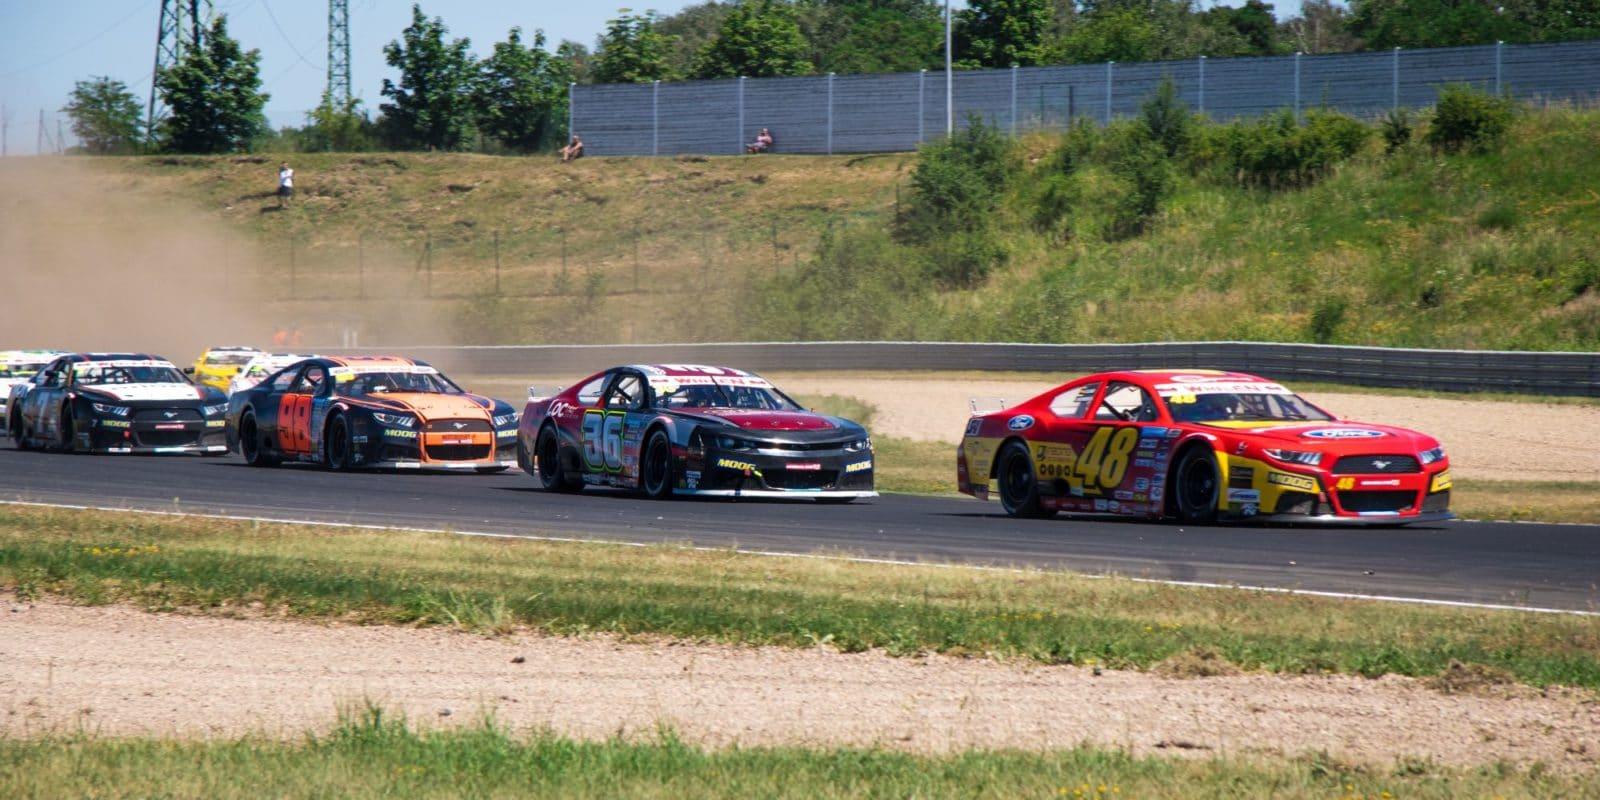 V americkém tempu vMostě / F1 byla ogladiátorech aměnění motoru pokaždém závodě, říká Villeneuve